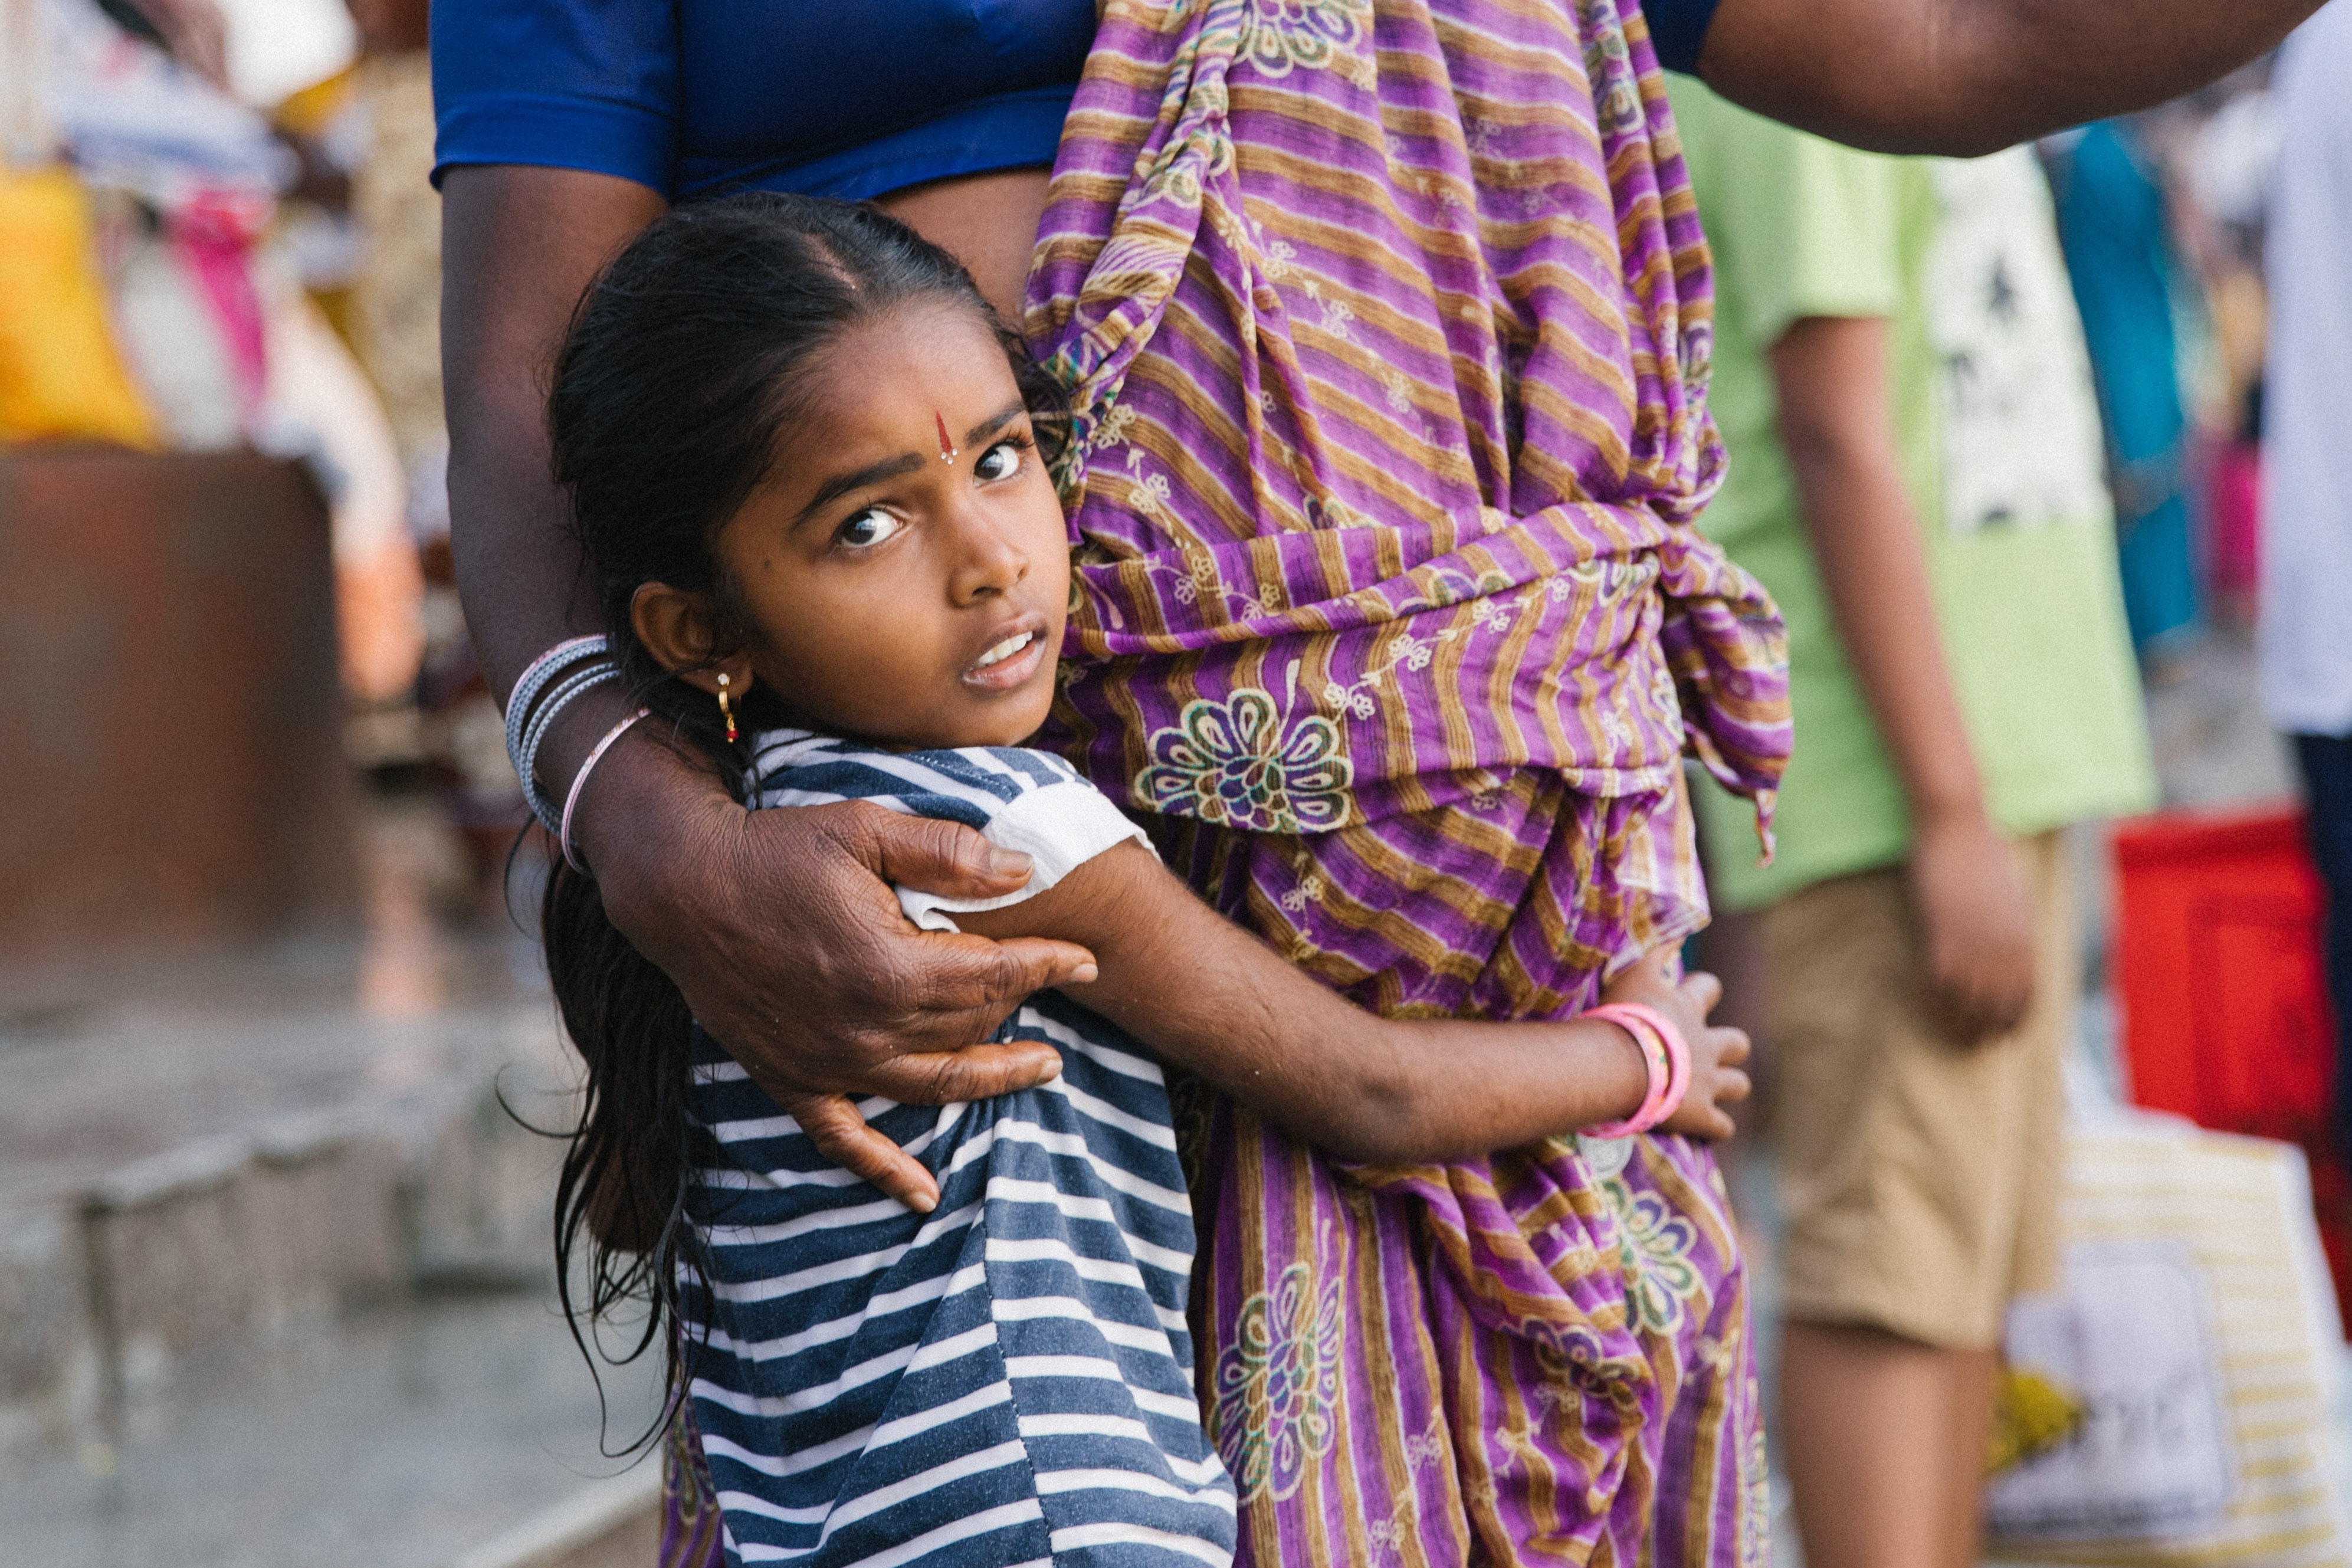 Dzieci wychowane w ubóstwie wykazują kluczowe różnice w funkcjonowaniu mózgu